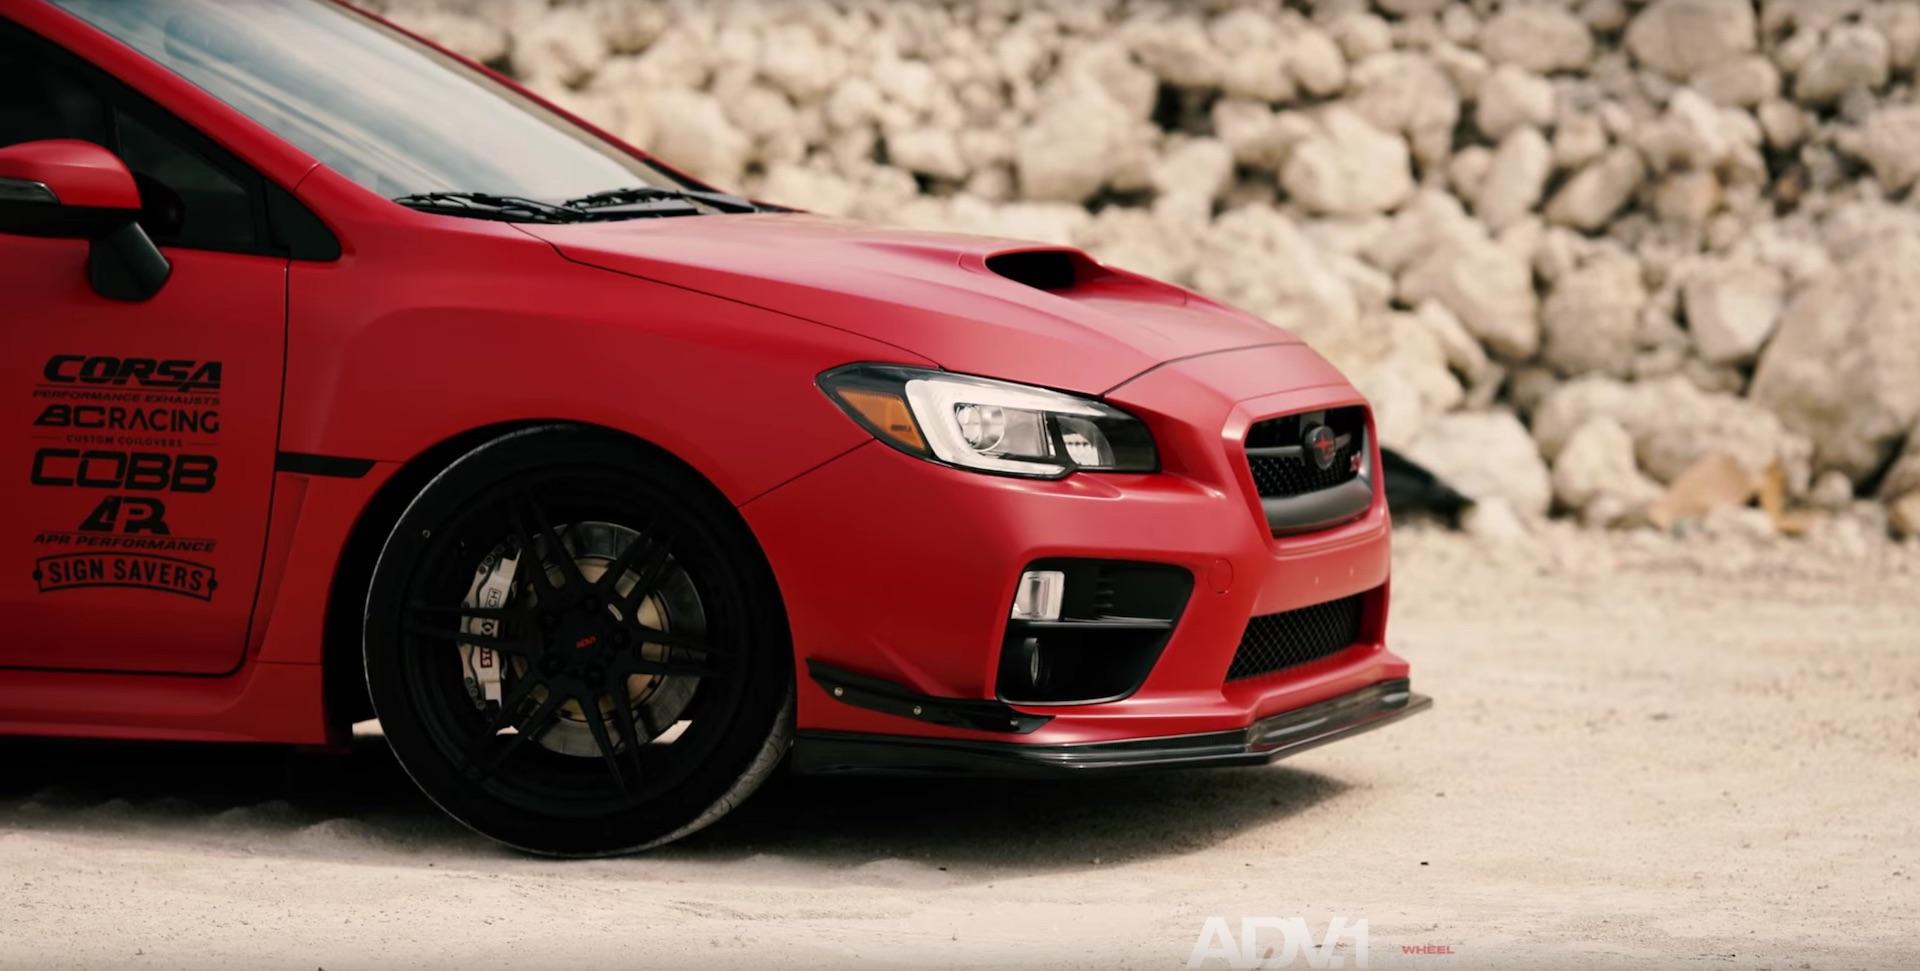 Matte Red Subaru WRX STI With ADV.1 Wheels - DamnedWerk